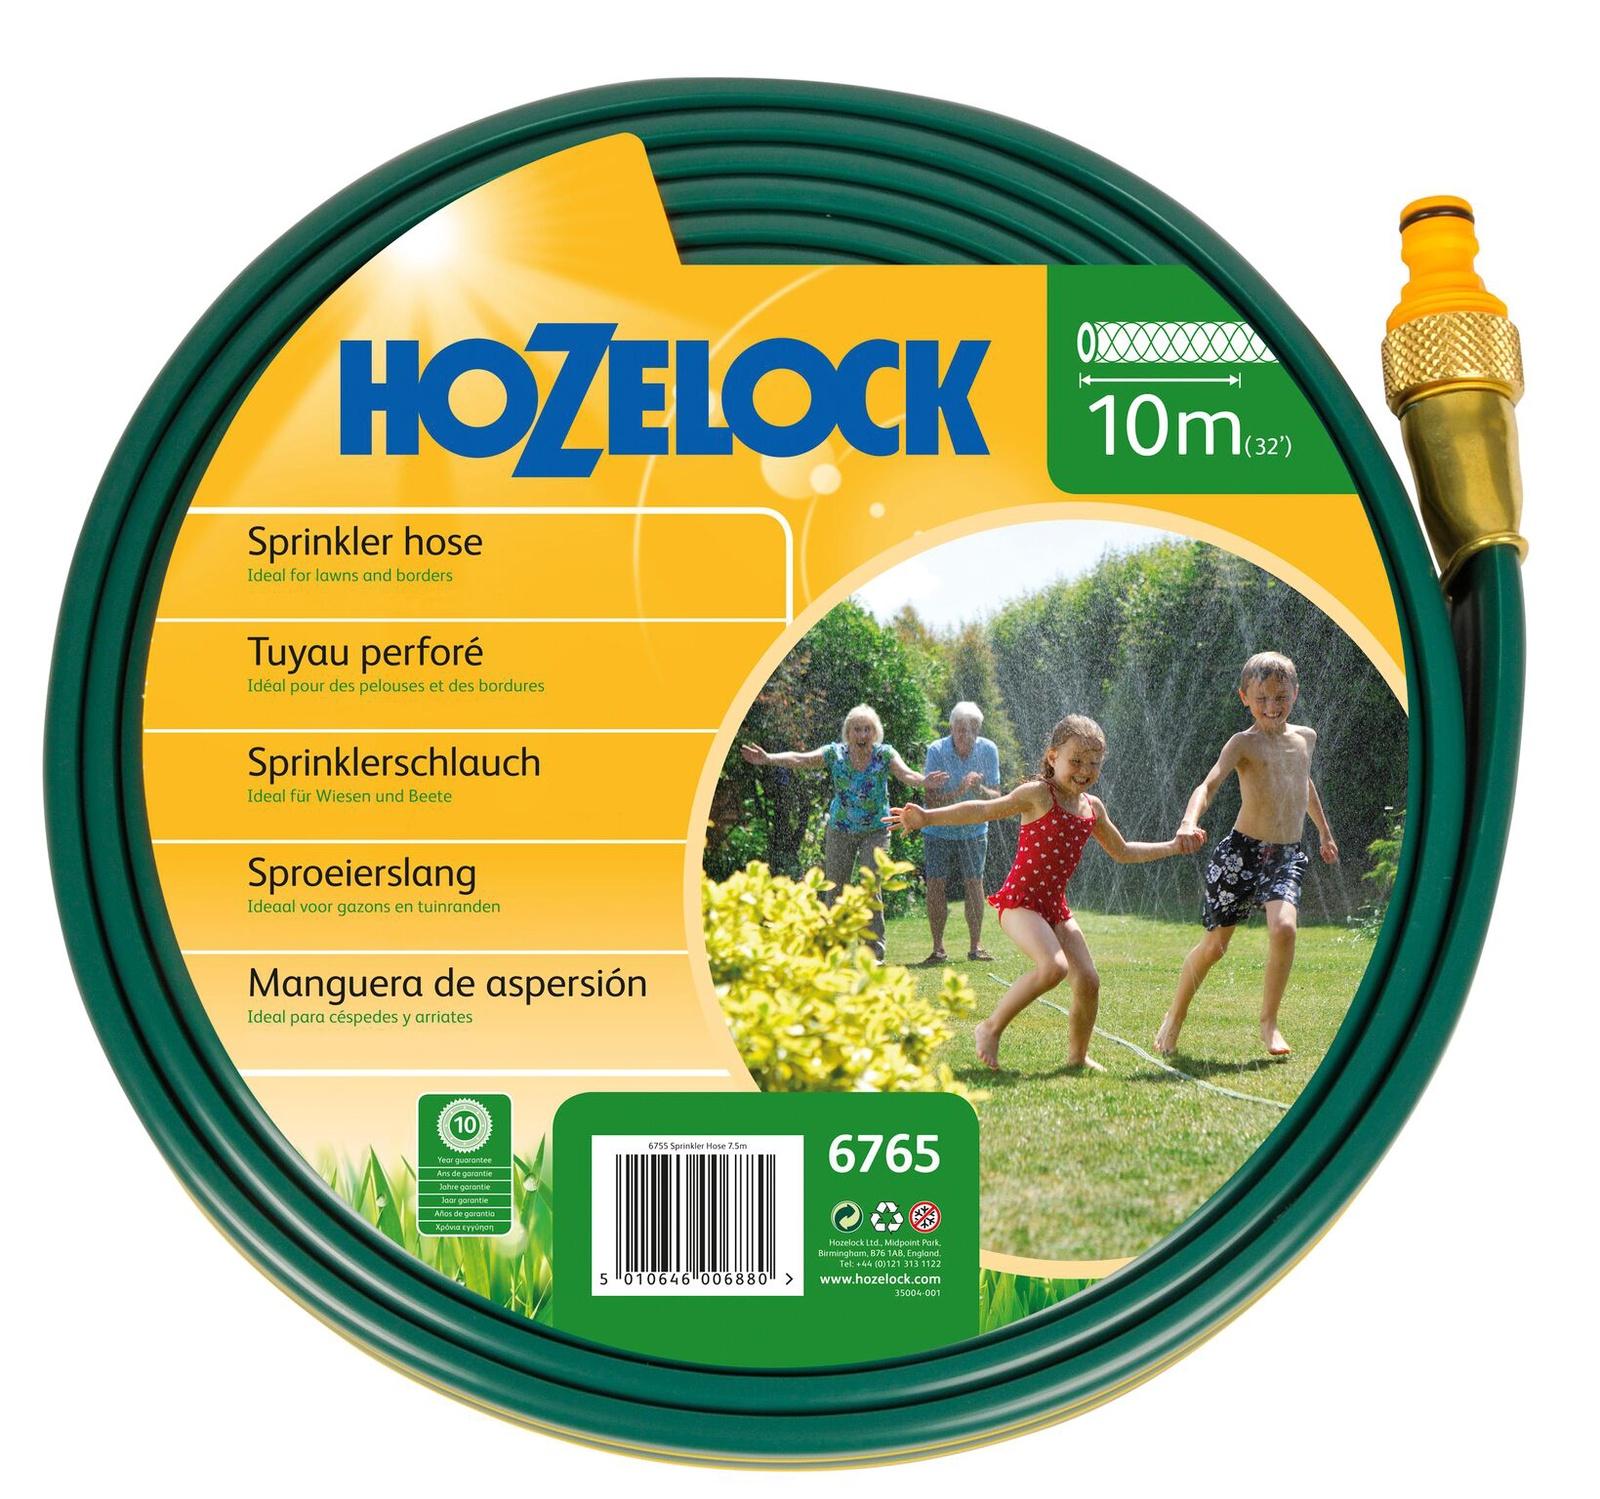 Шланг поливочный Hozelock разбрызгивающийся 6765, 10 м + коннекторы, зеленый